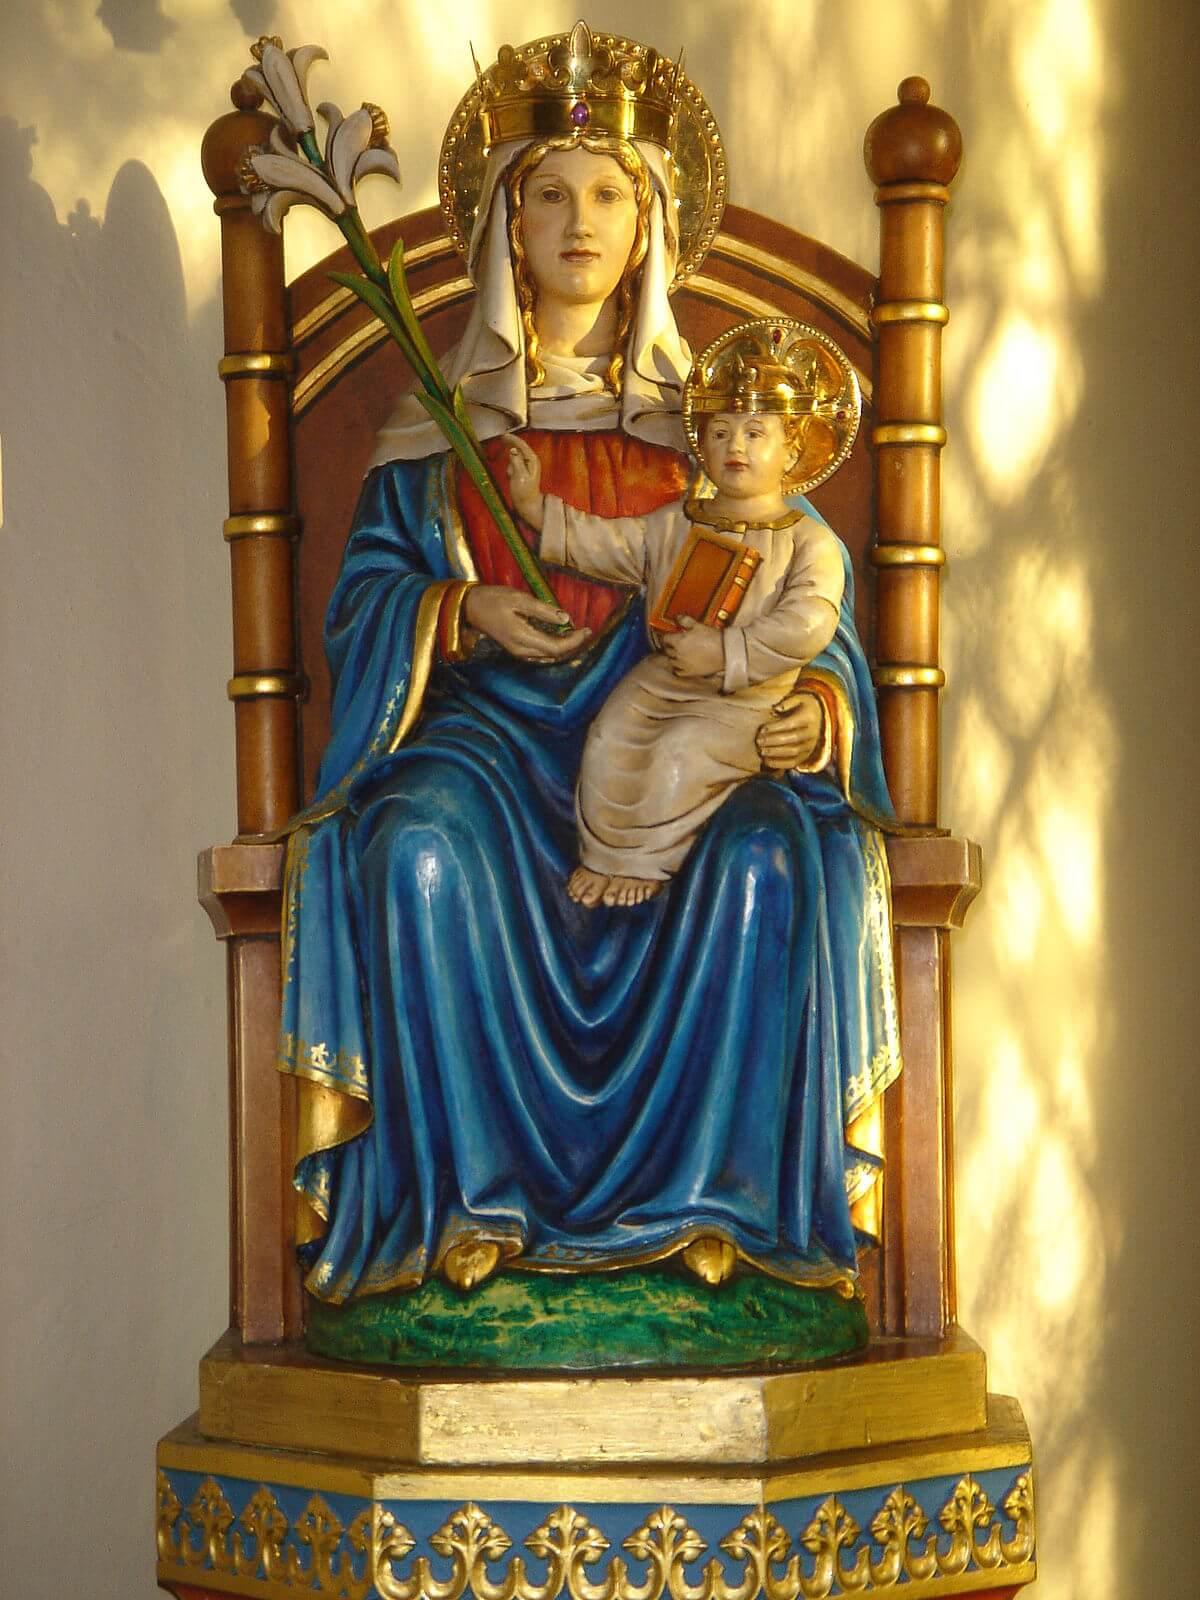 Nuestra Señora de Walsinham